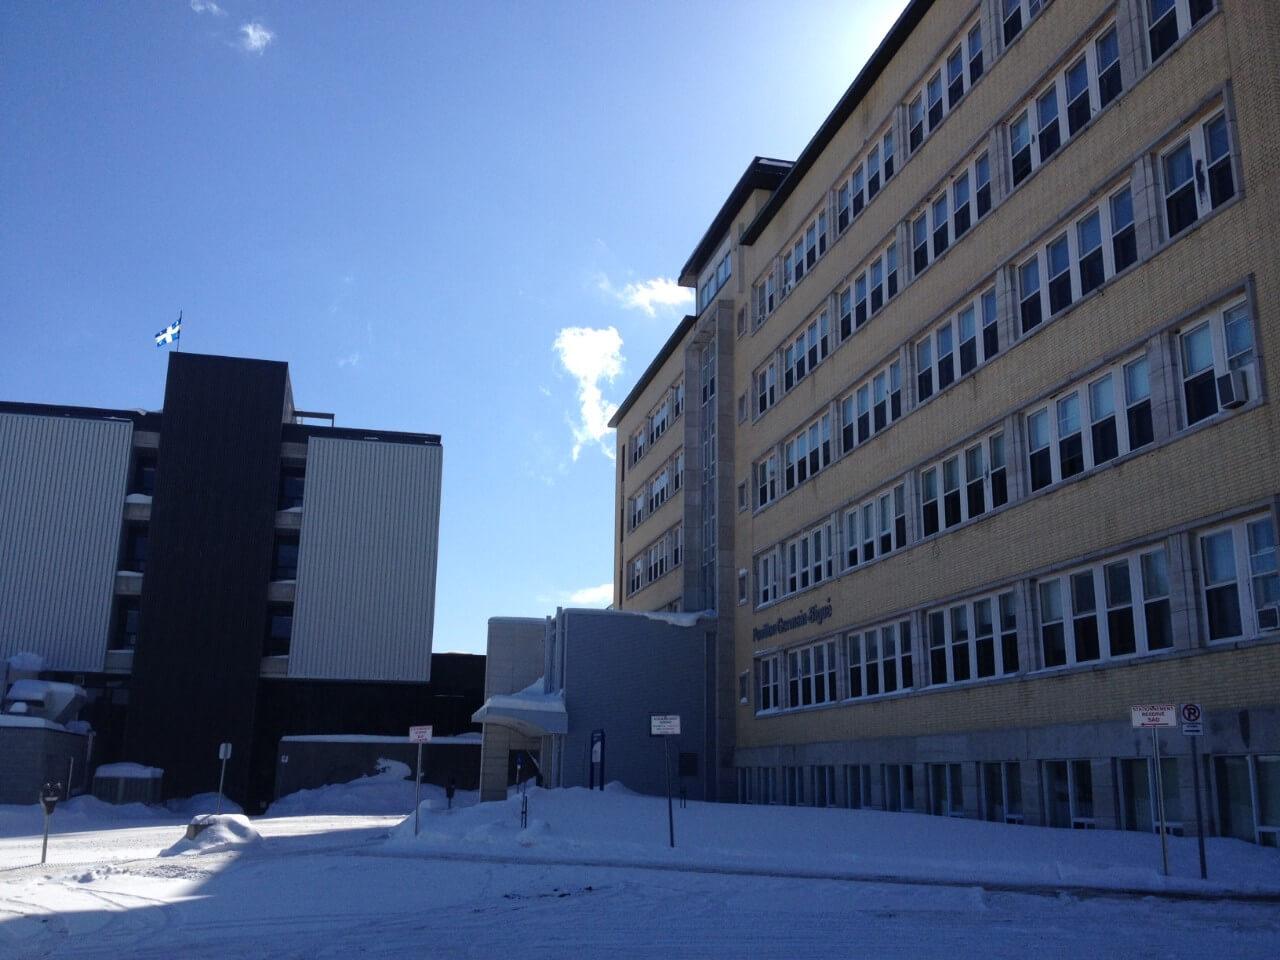 Hôpital de Val-d'Or